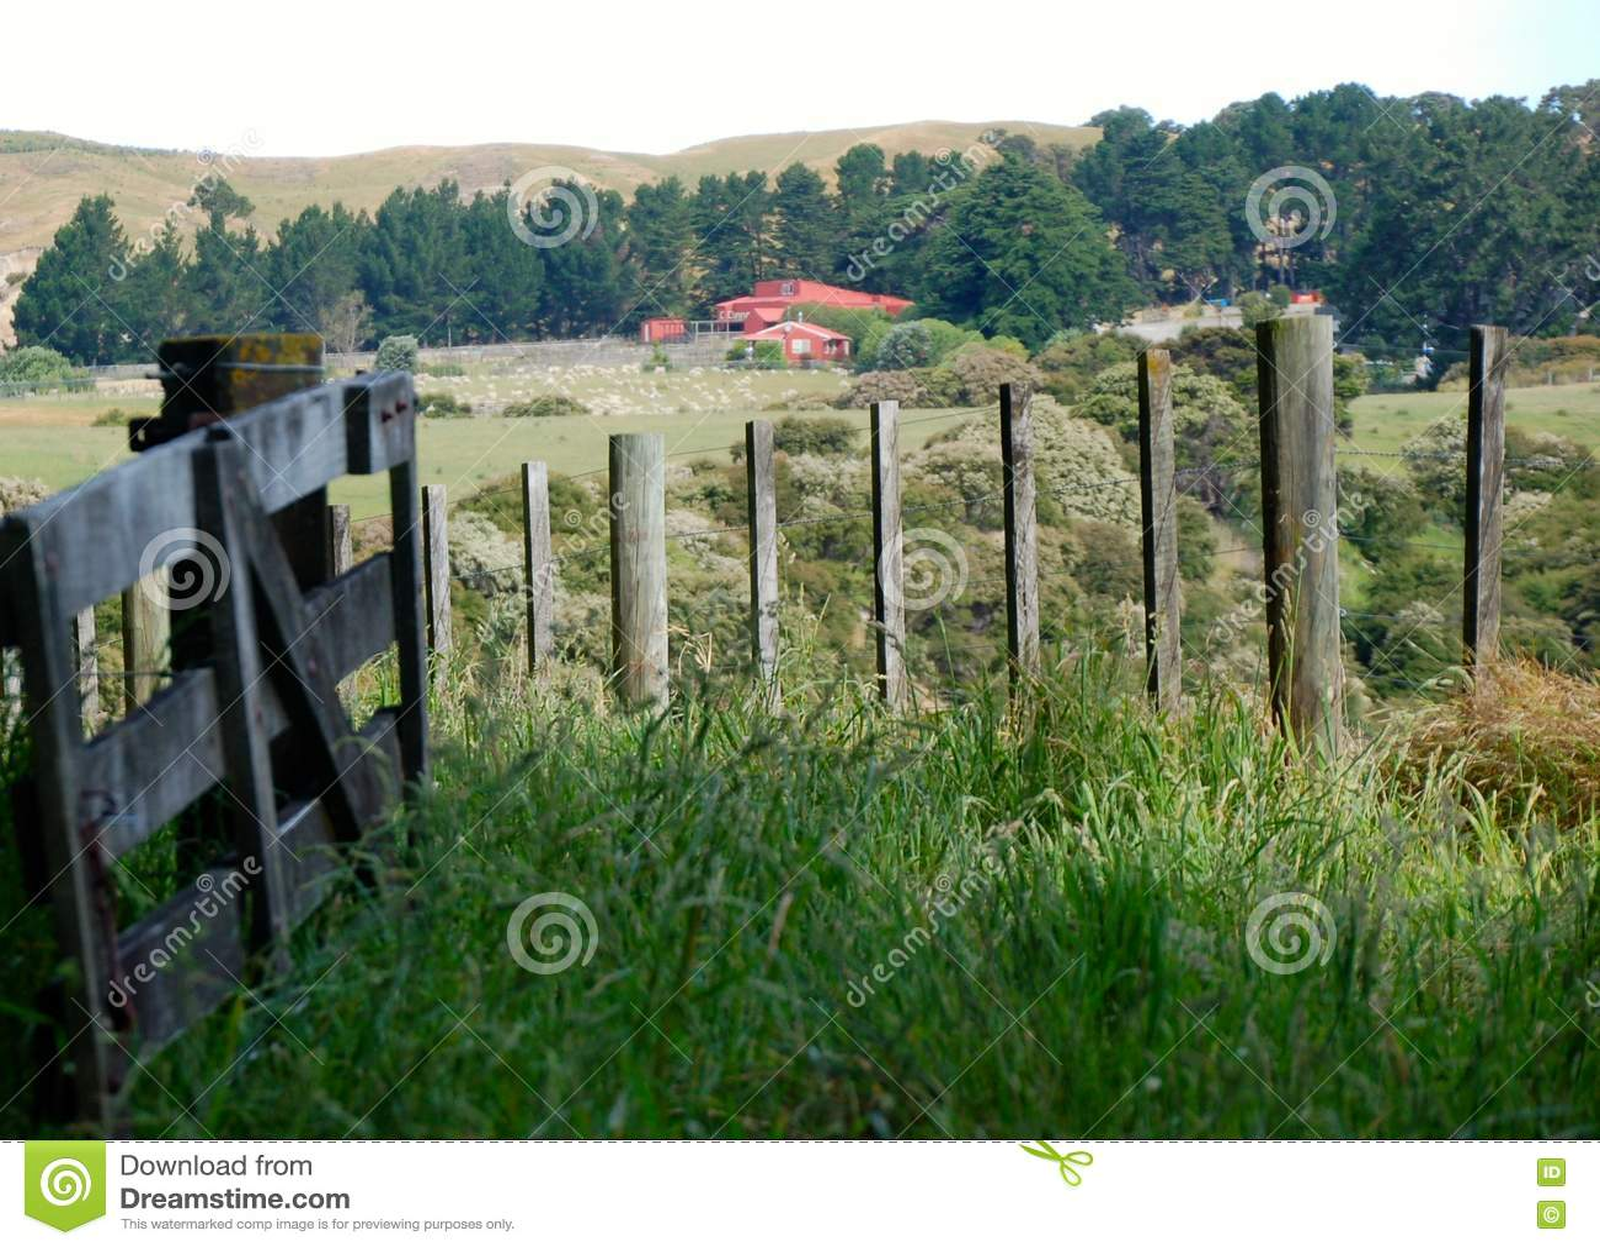 Bello paesaggio, terreno coltivabile, paesaggio rustico